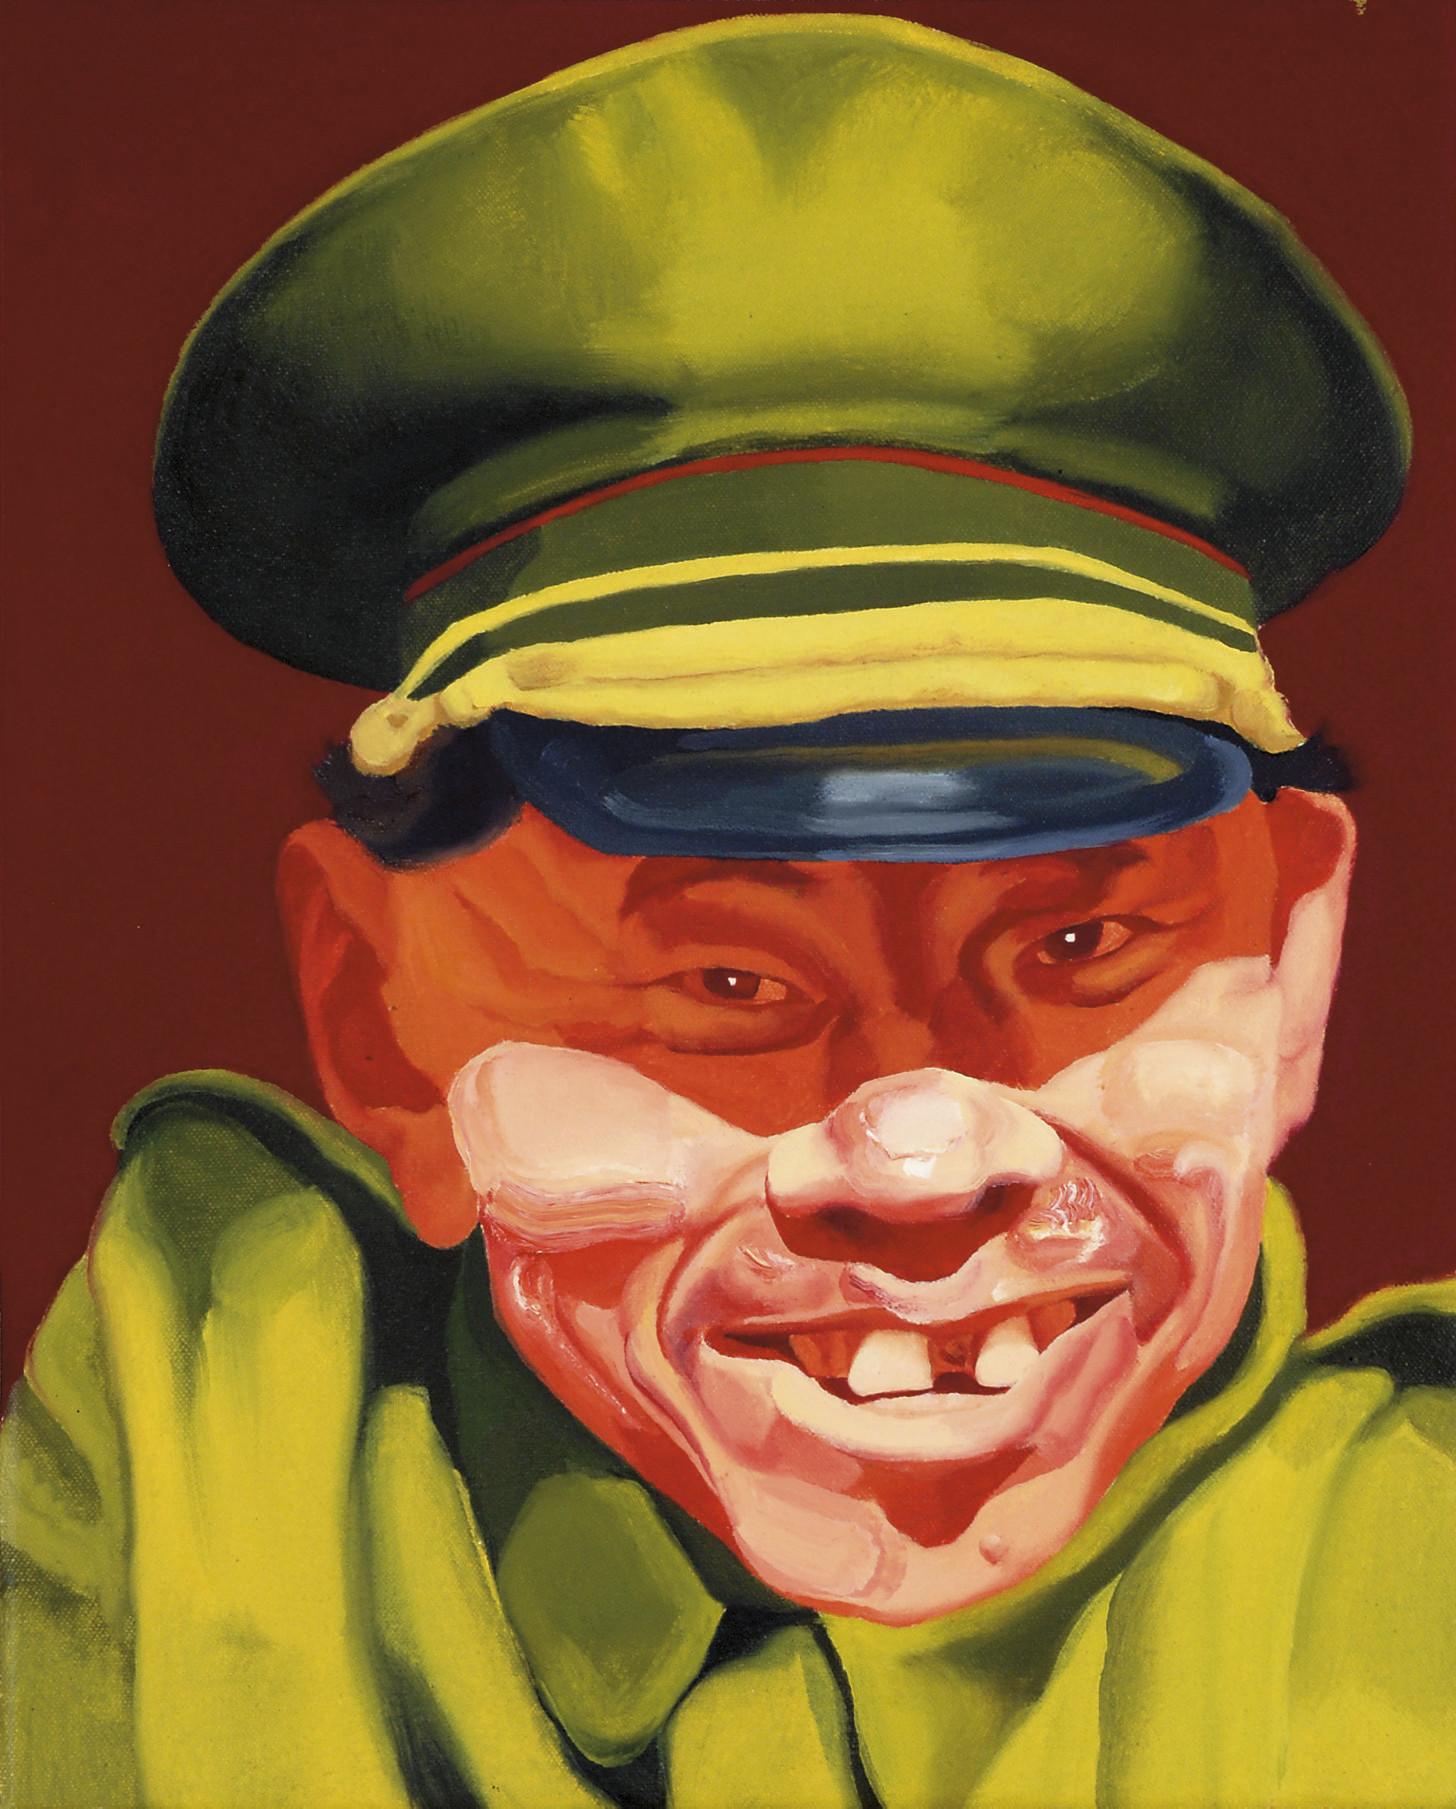 Yang Shaobin (b. 1963)